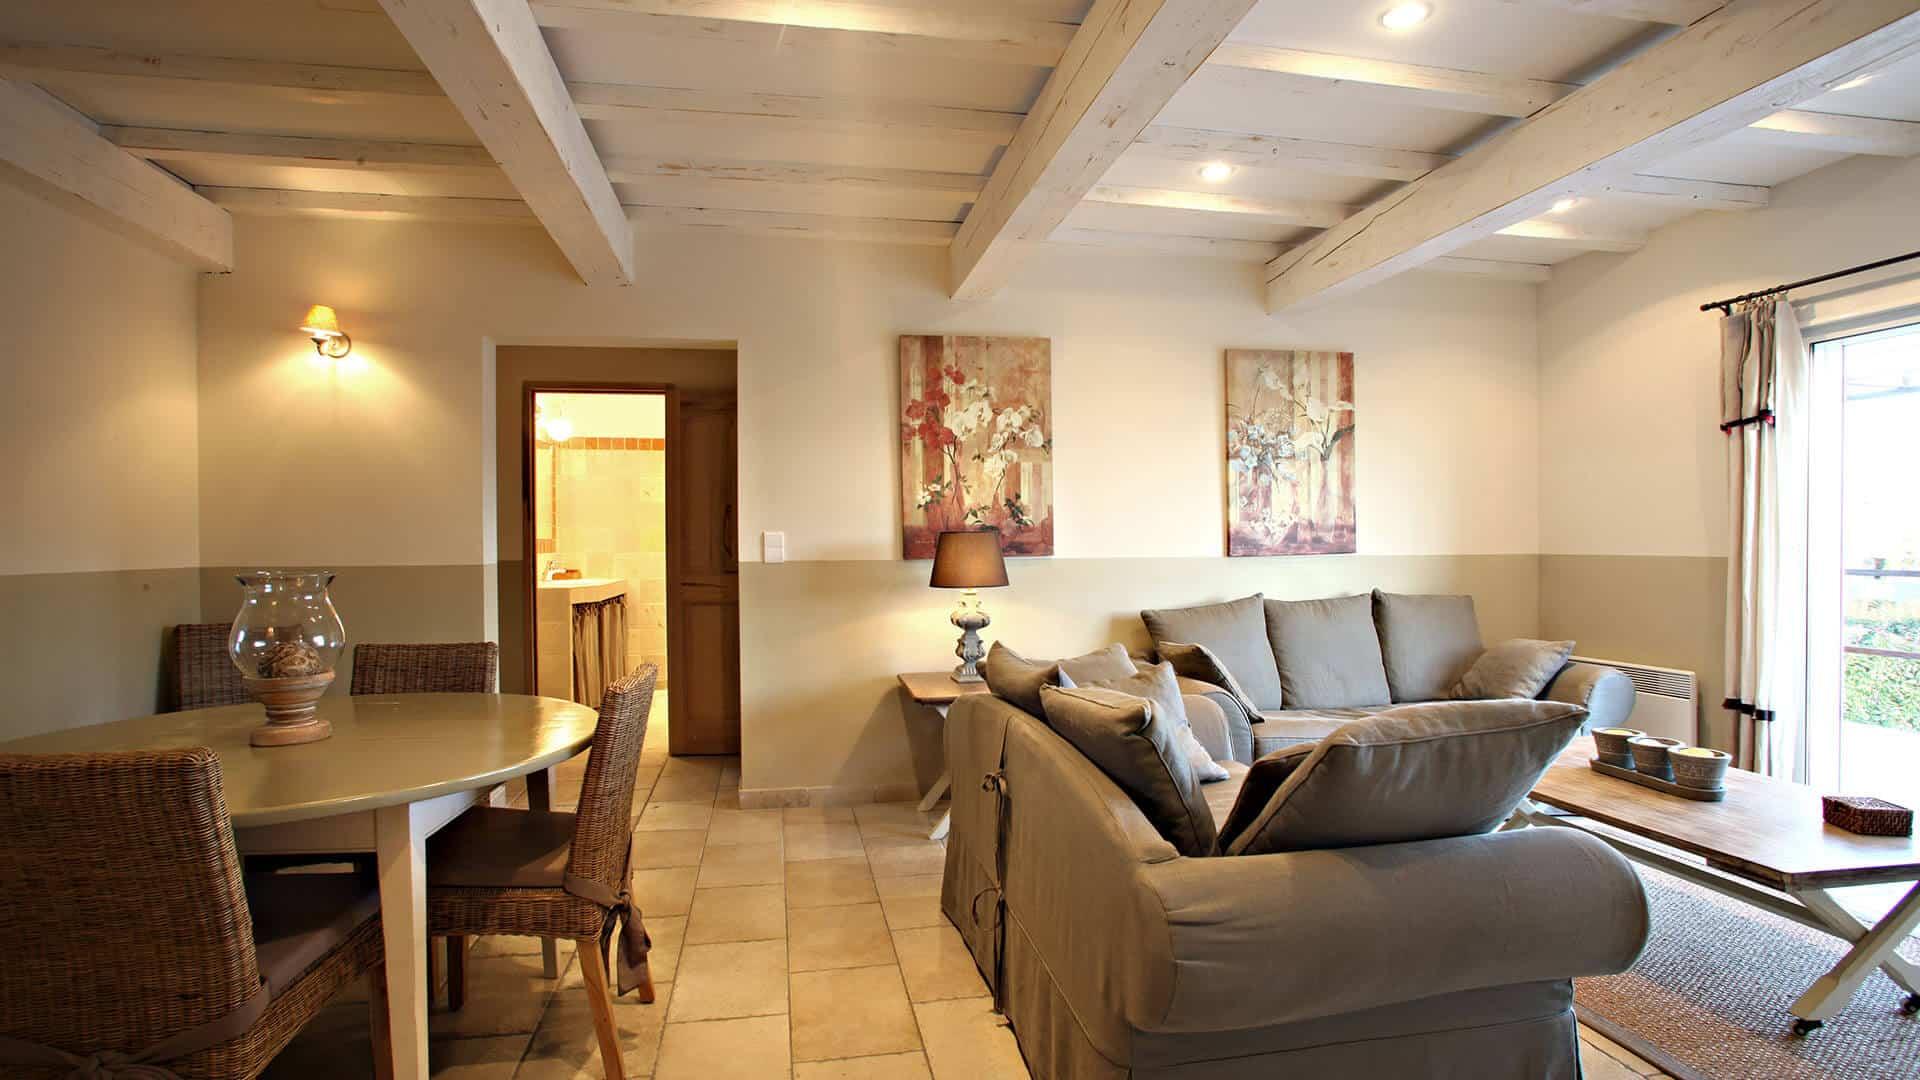 Louer villa vacances PACA | Villa les coquelicots | Salon, salle à manger climatisés